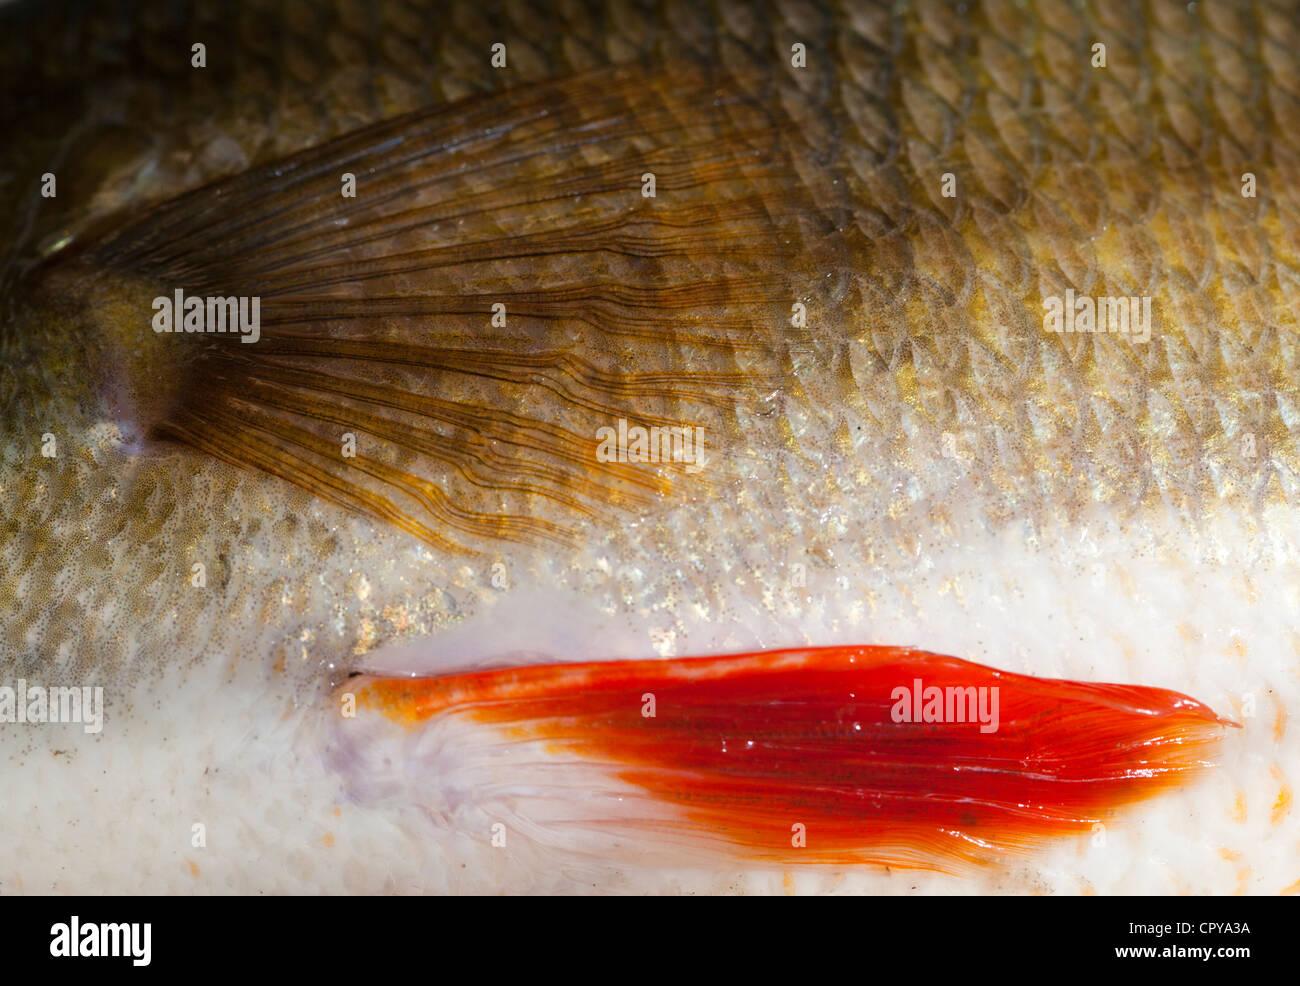 La peau et les écailles d'un 1,1 kg perches d'eau douce ( Perca fluviatilis ) Photo Stock